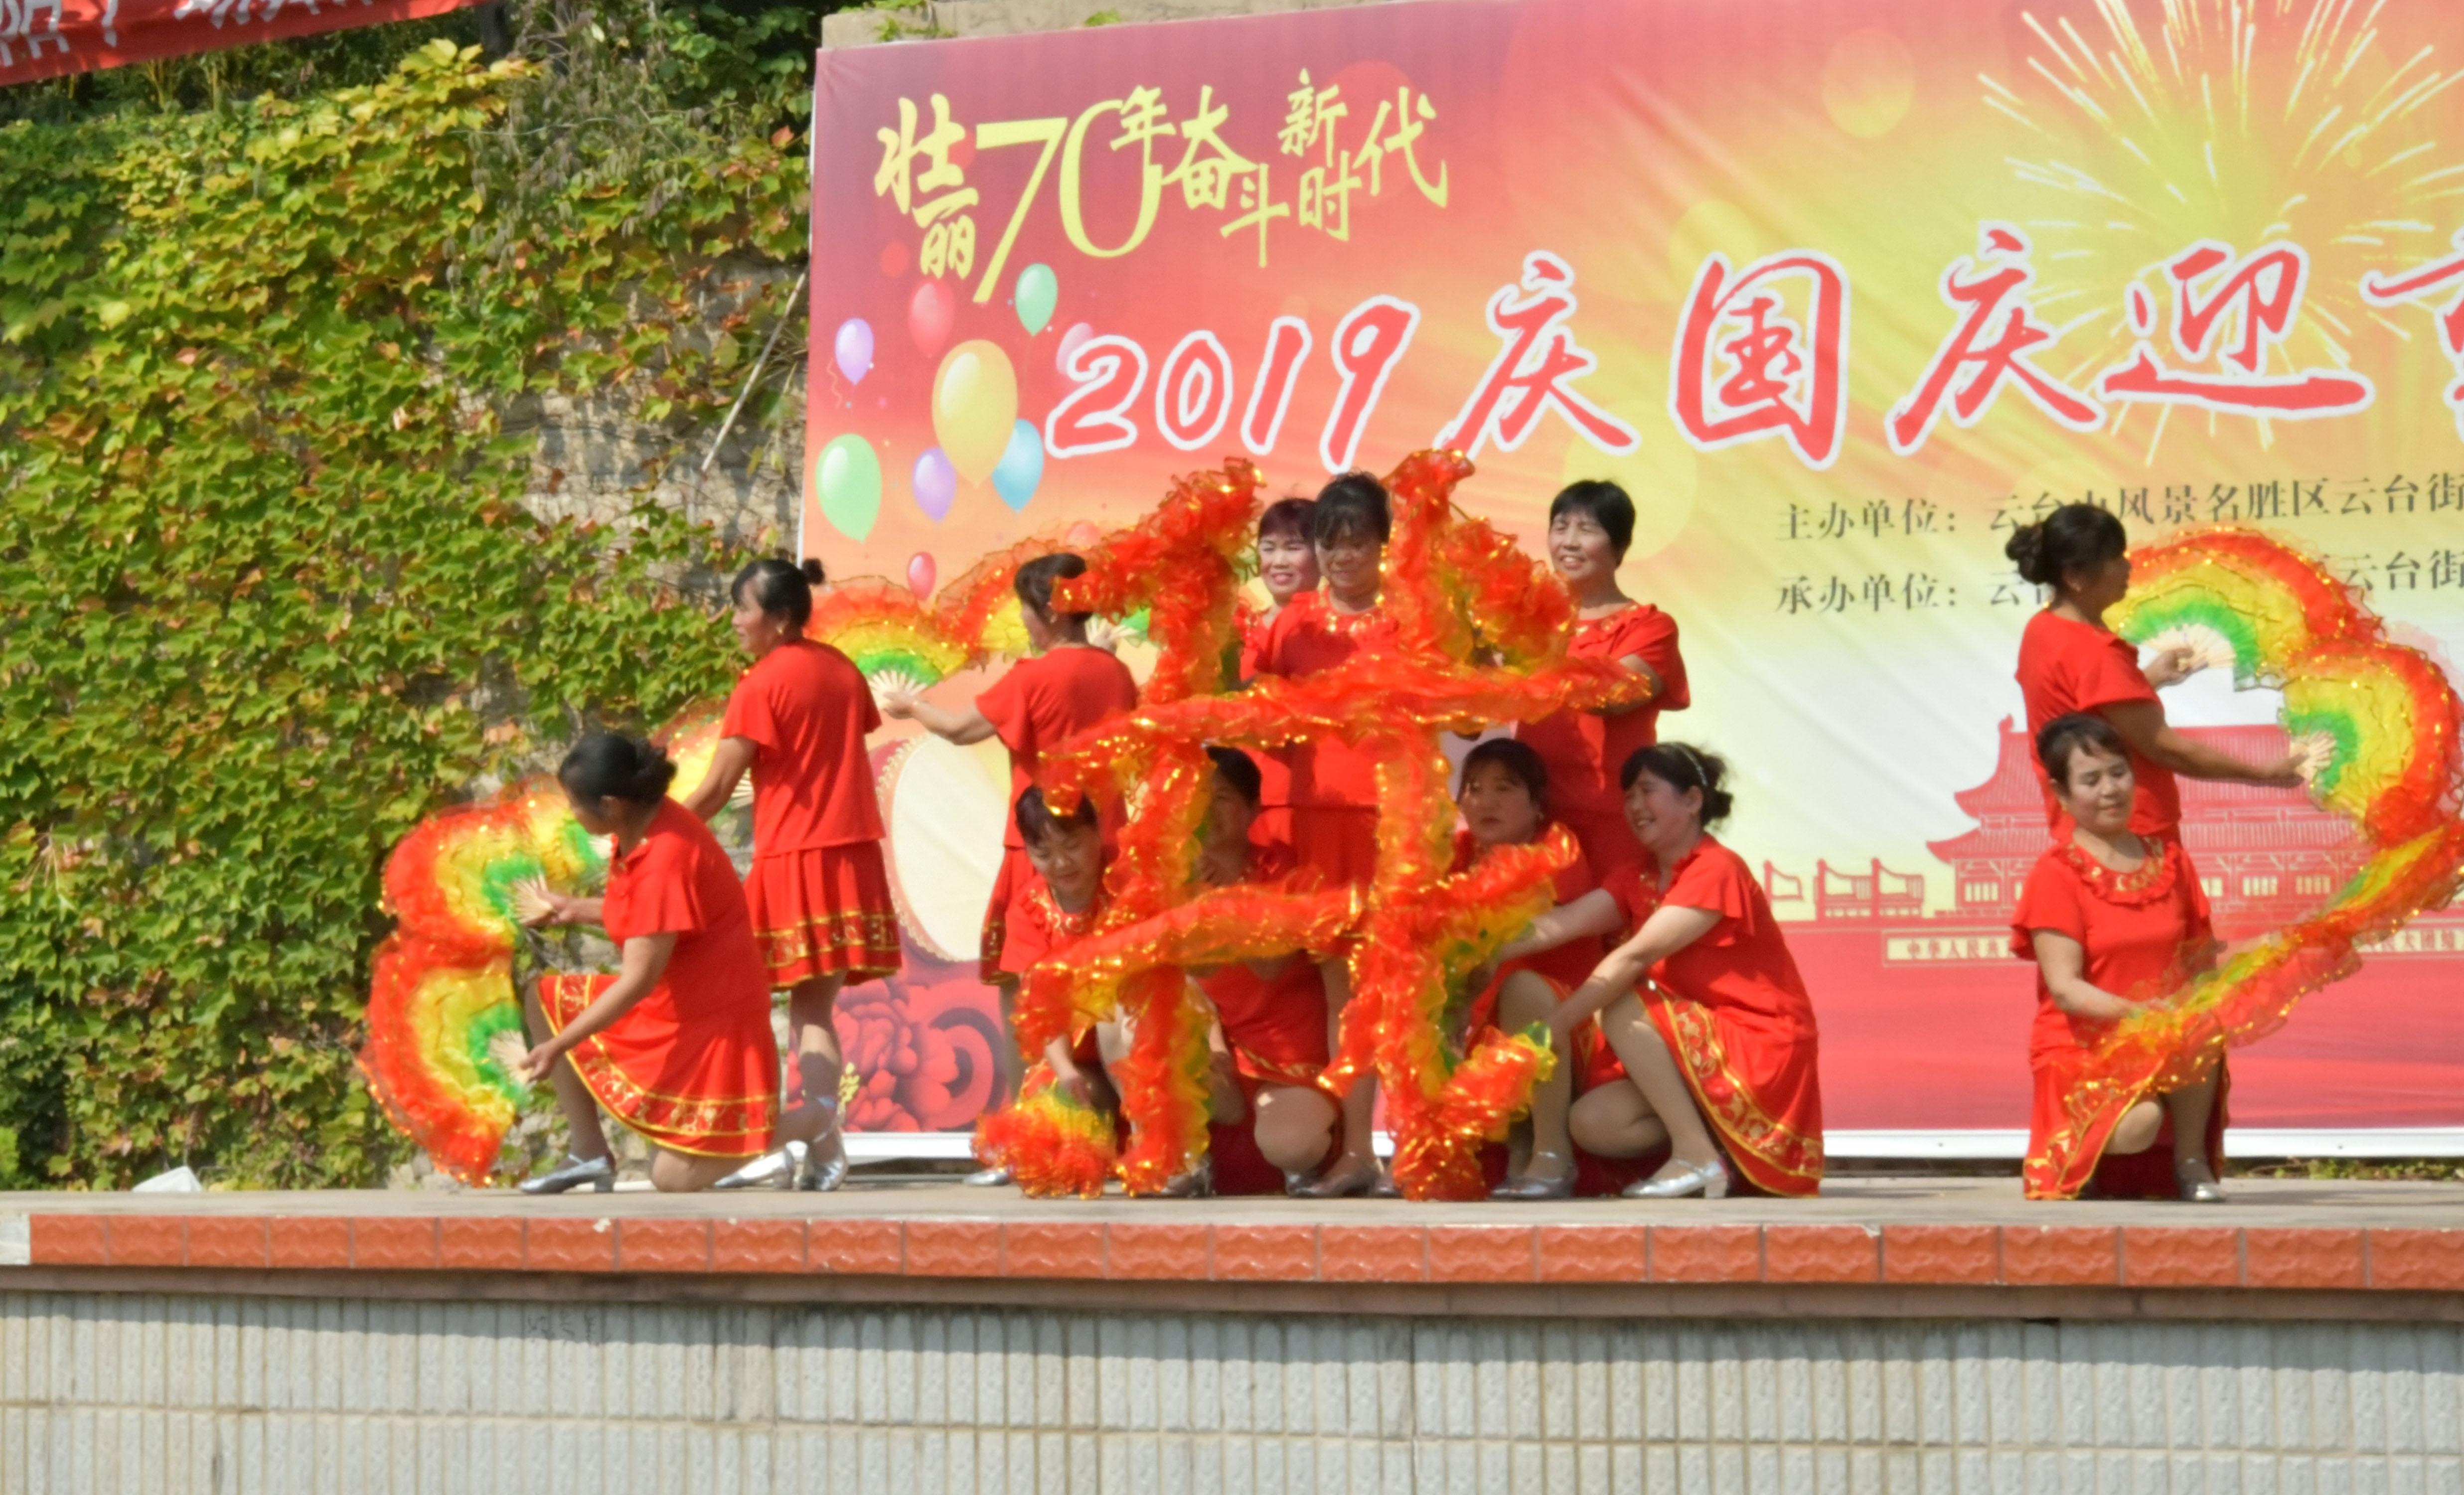 云台街道举行 2019庆国庆,迎重阳 联欢活动